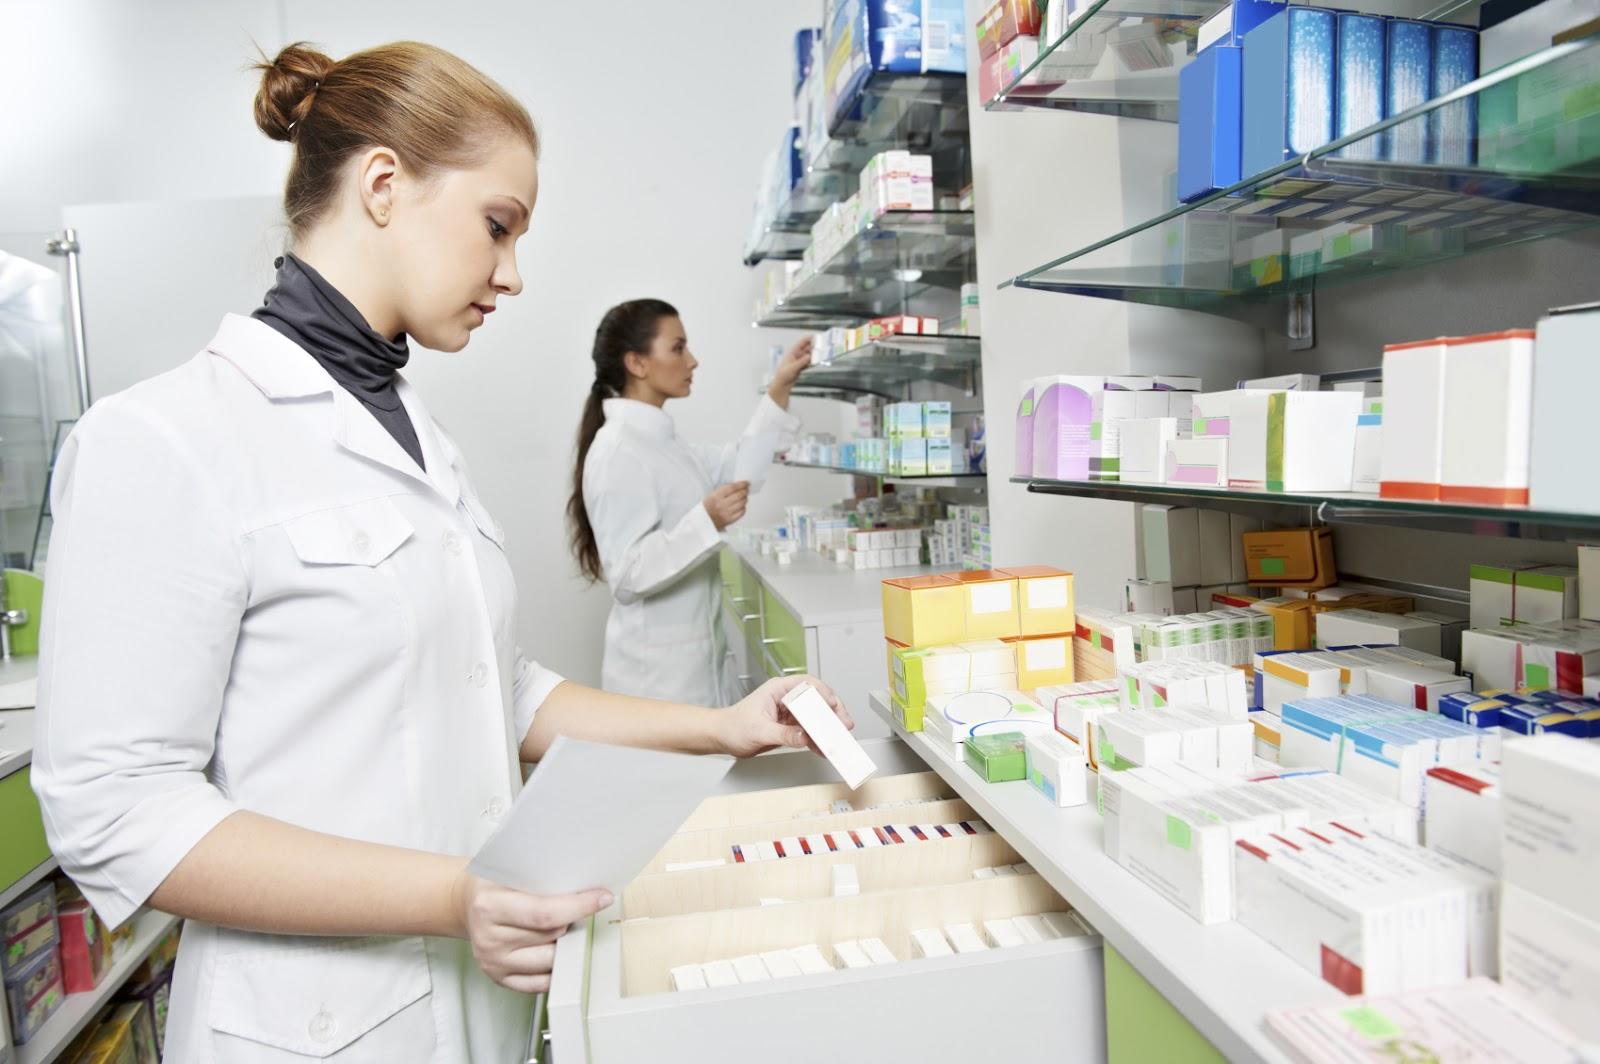 Nhiều bạn trẻ còn băn khoăn giữa cao đẳng dược và cao đẳng điều dưỡng, học ngành nào sẽ có tương lai hơn ?